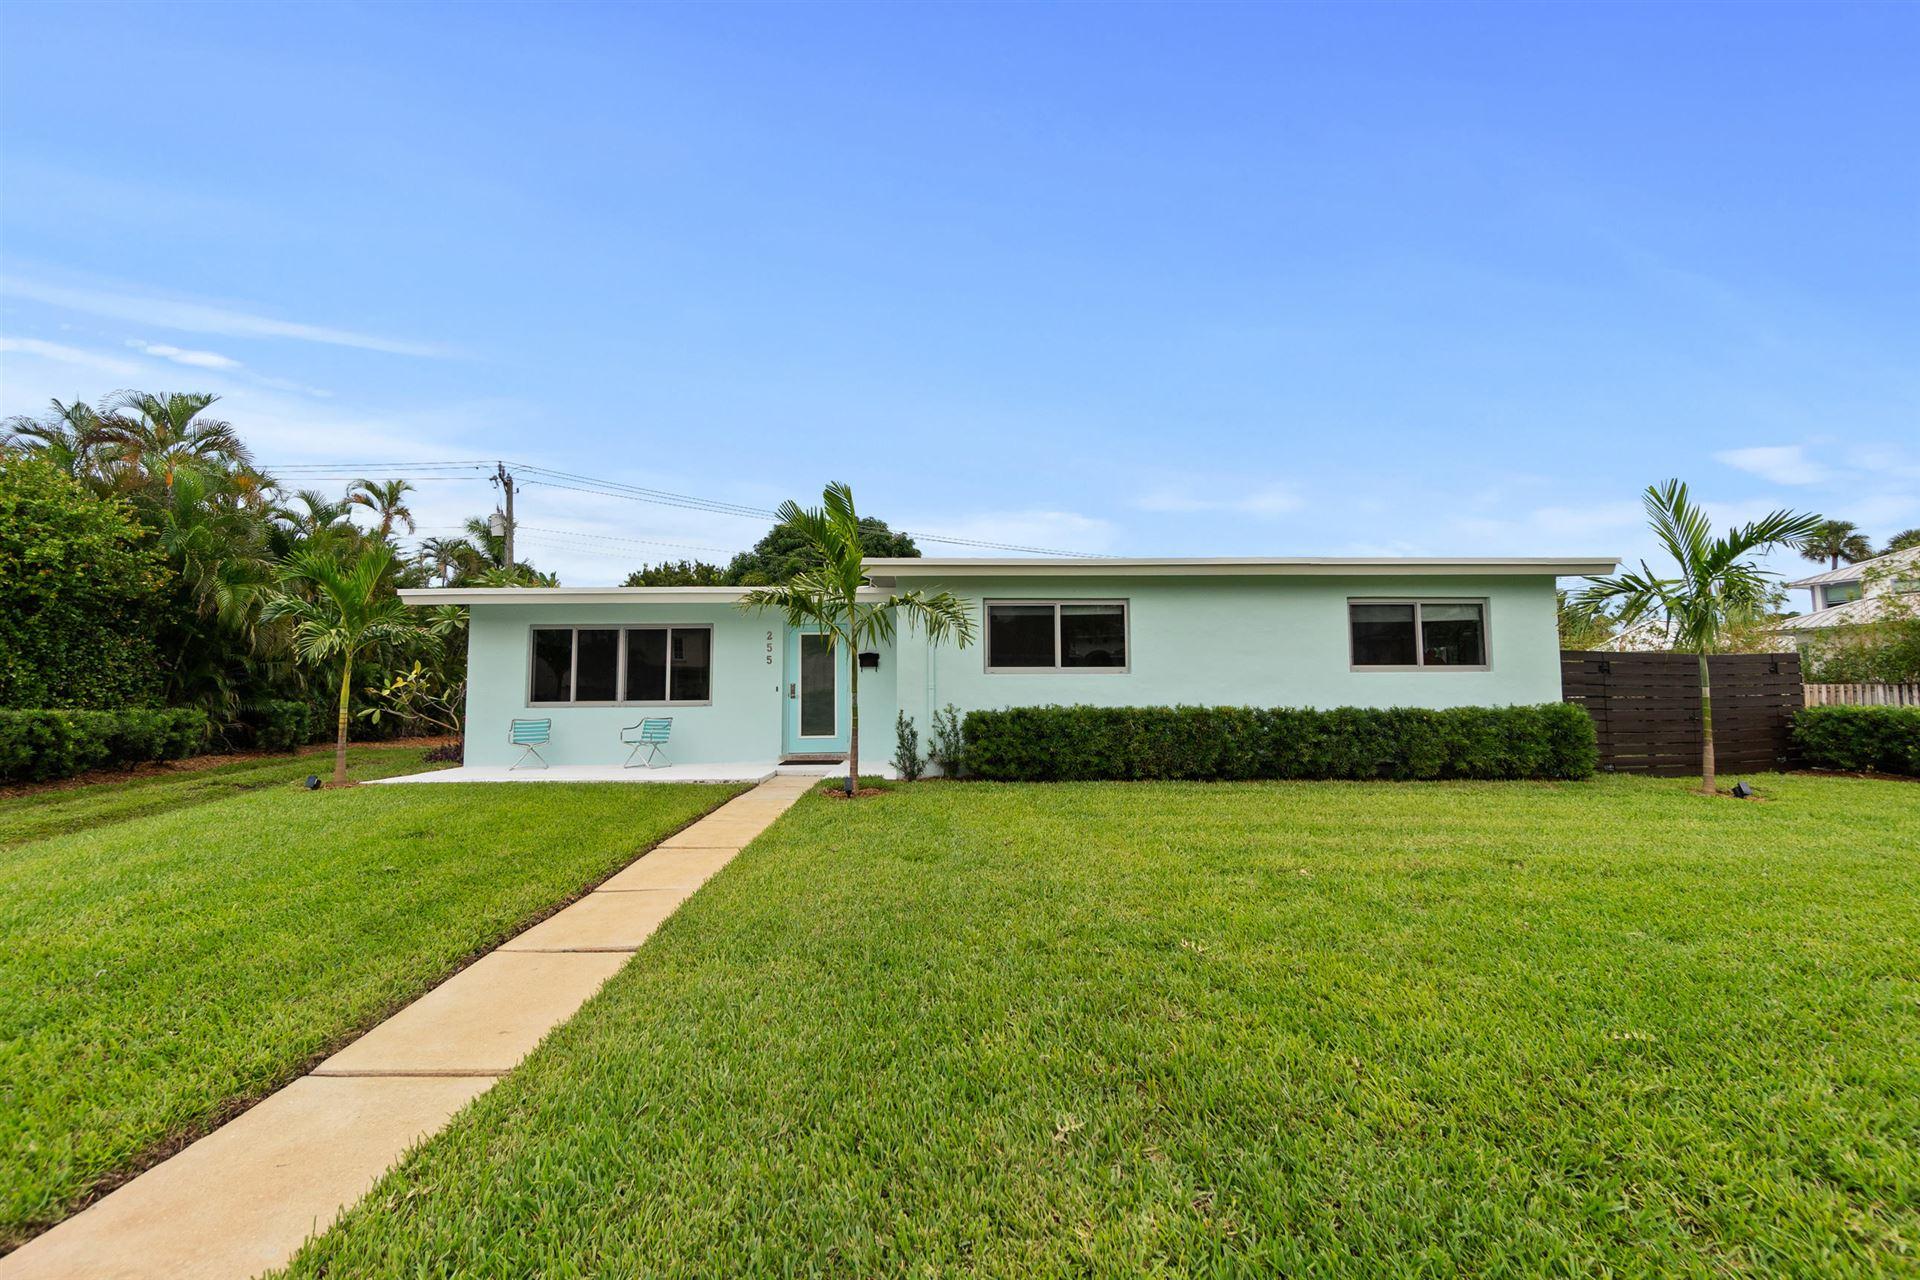 255 NE 6th Court, Boca Raton, FL 33432 - #: RX-10666709